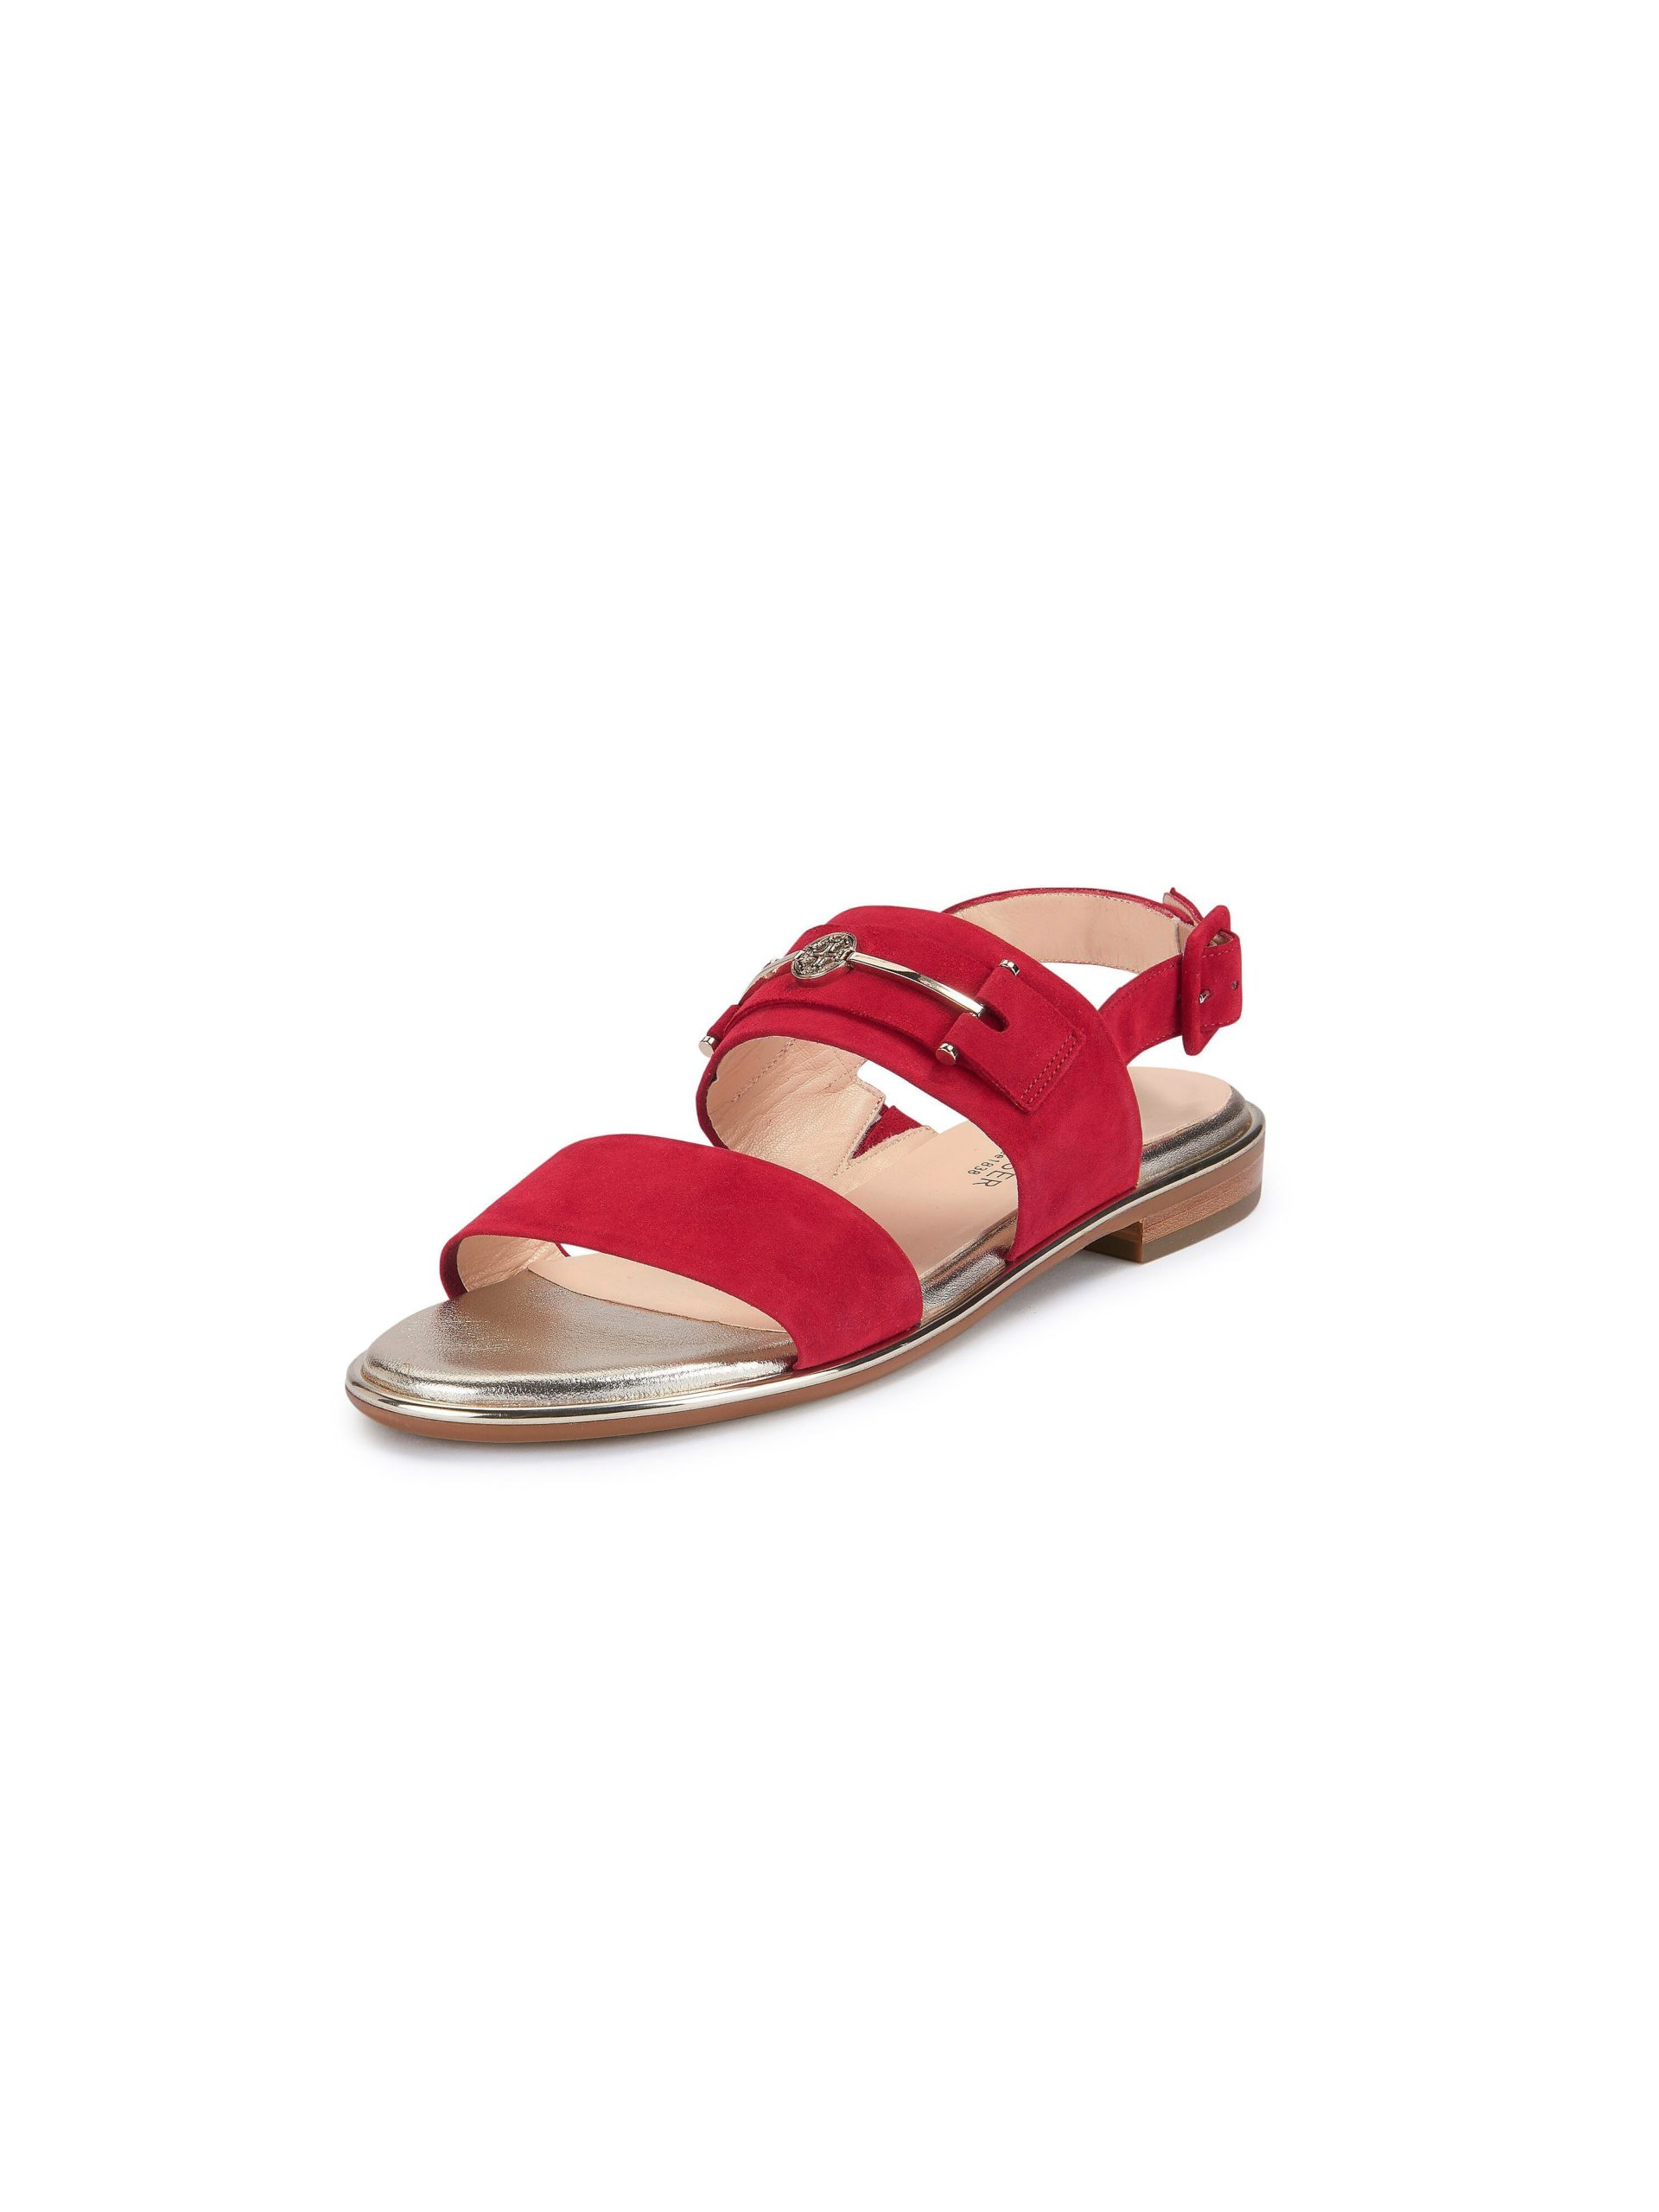 Sandalen Van Peter Kaiser rood Kopen